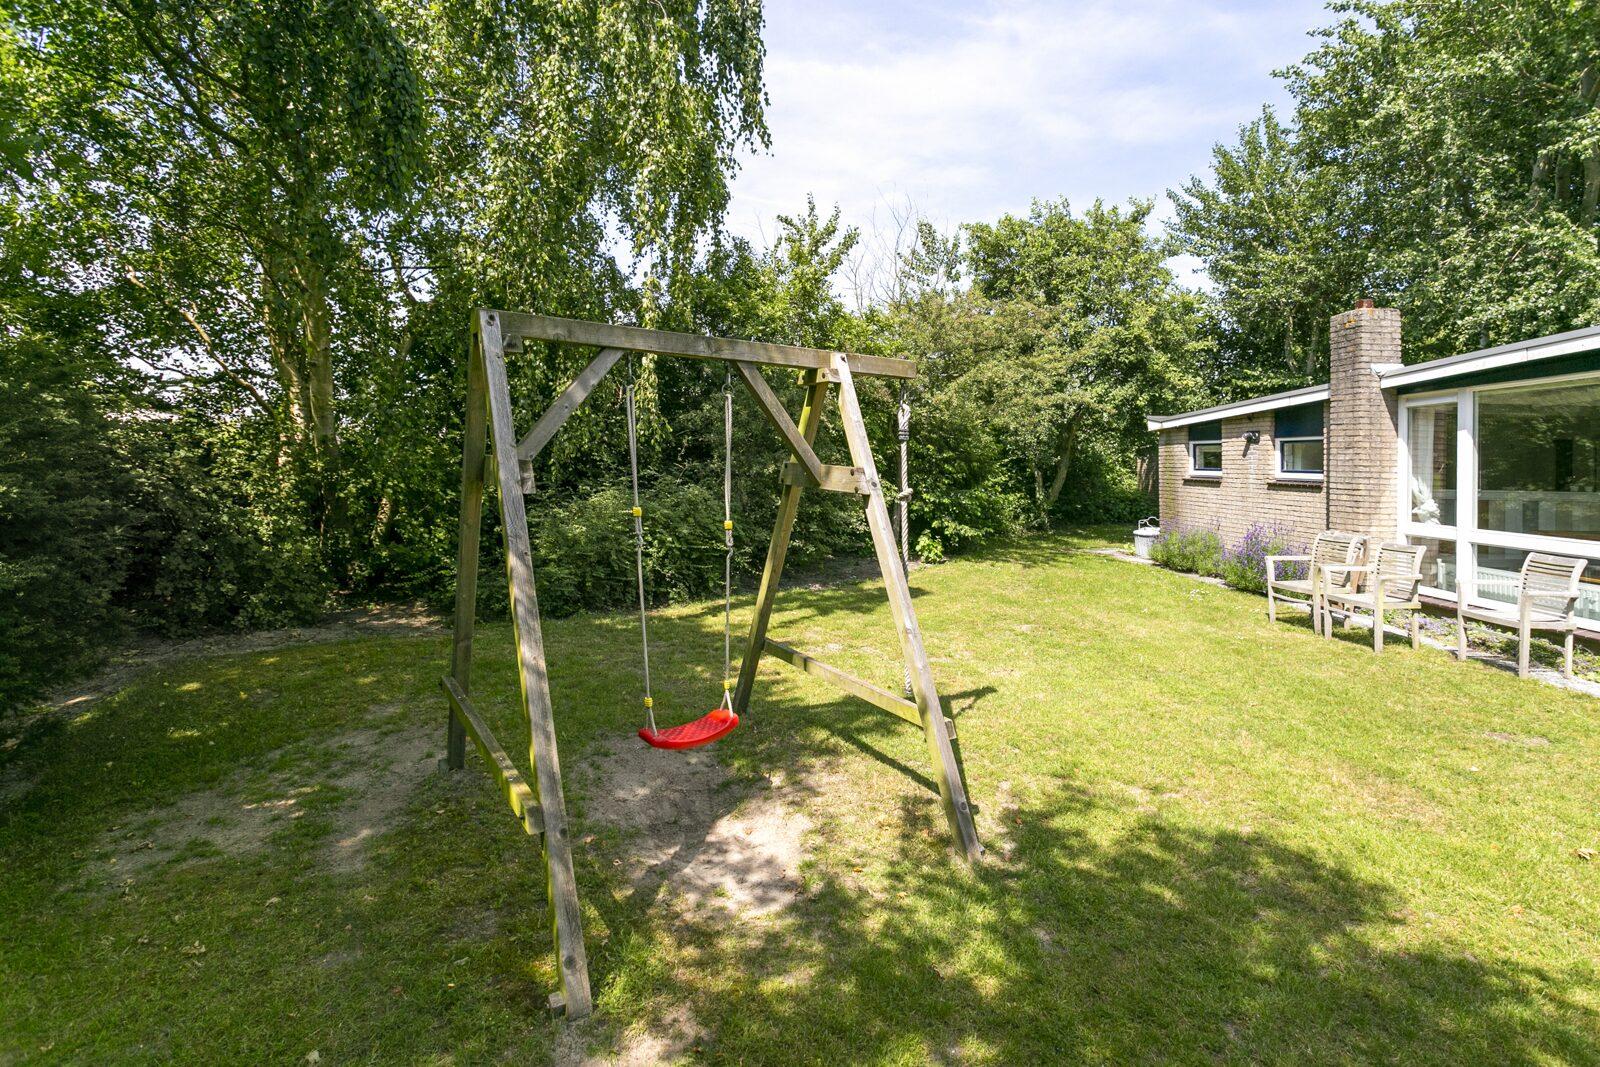 Prinsenhof 76 - Ouddorp - Lekker Stekje